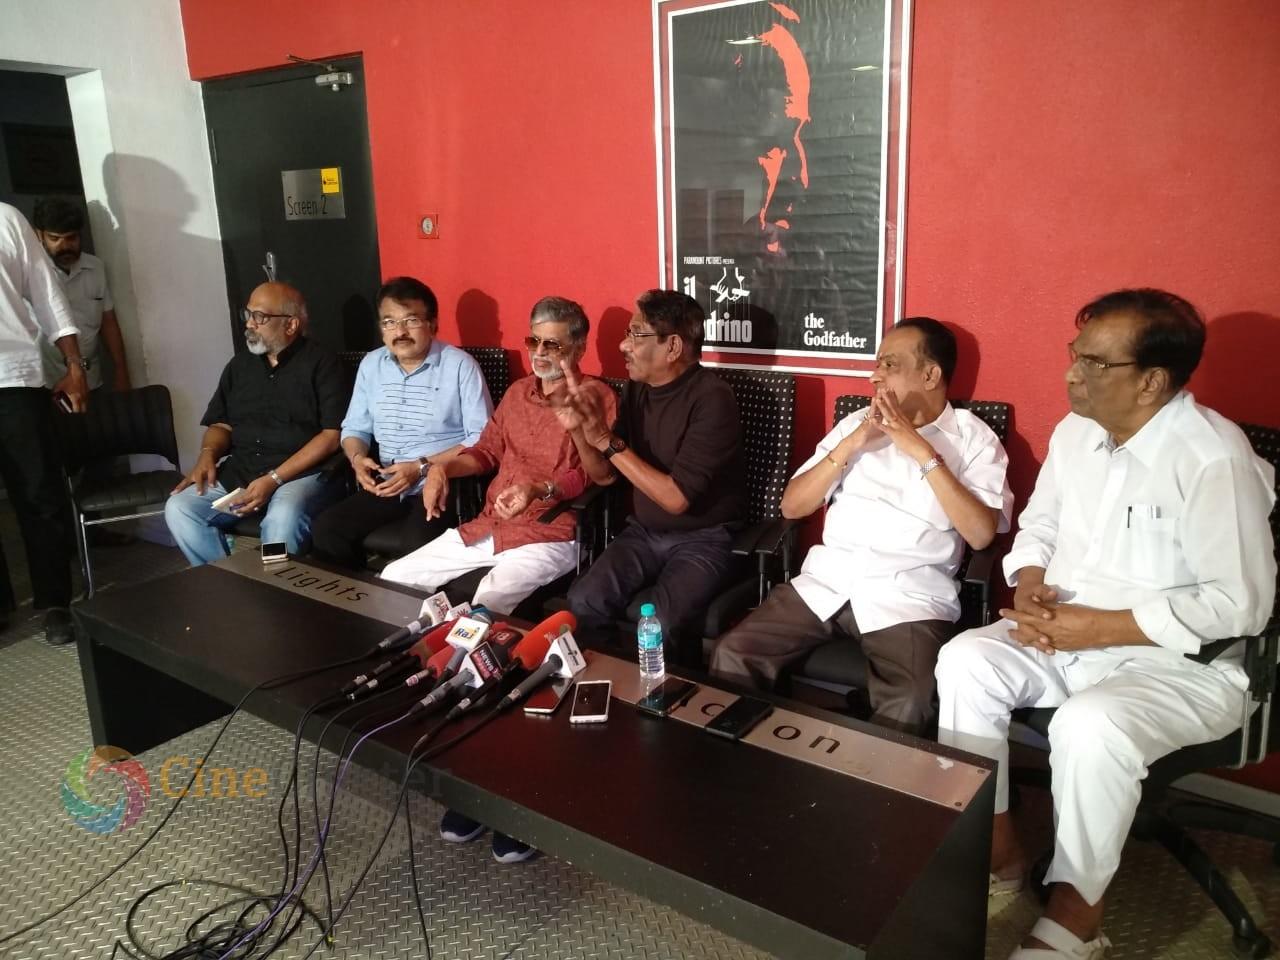 மூத்த திரைப்பட தயாரிப்பாளர்கள் செய்தியாளர்களை சென்னையில் சந்தித்தனர்